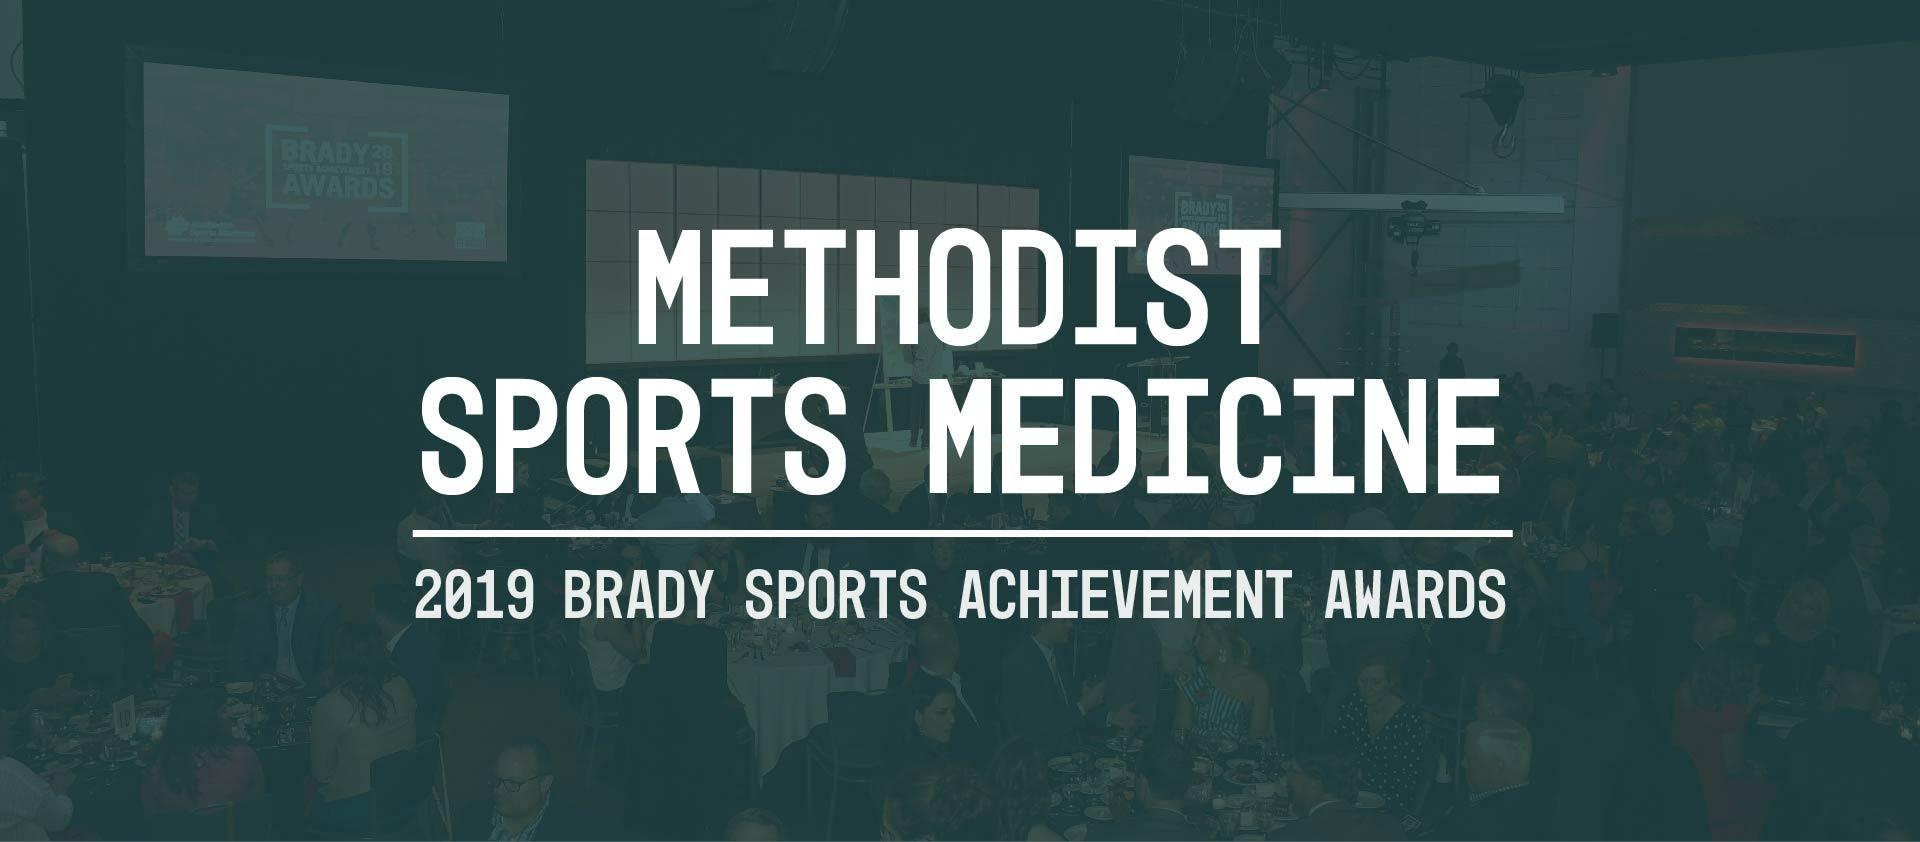 Brady Awards Header 2019 Brady Sports Achievement Awards